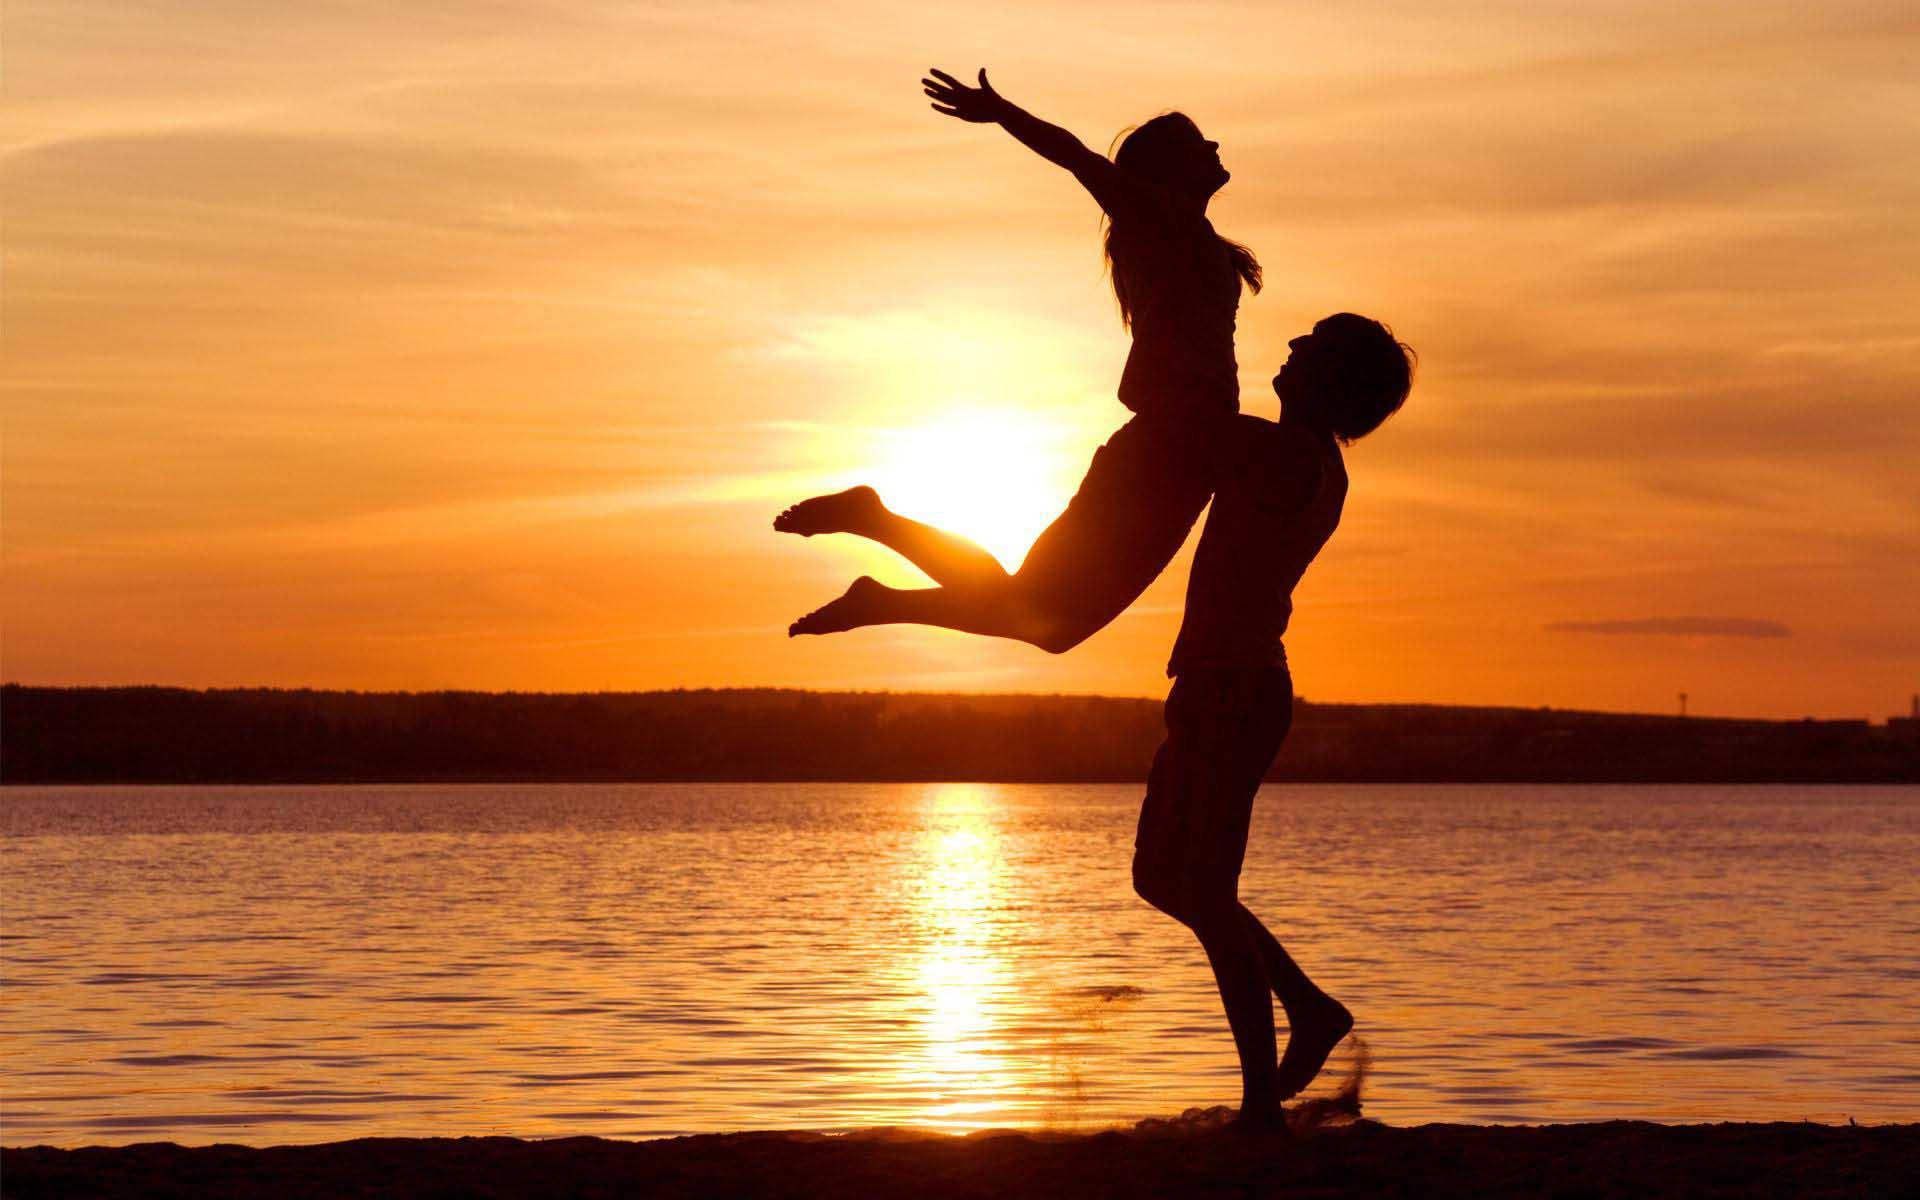 самый красивый клип о любви - 6